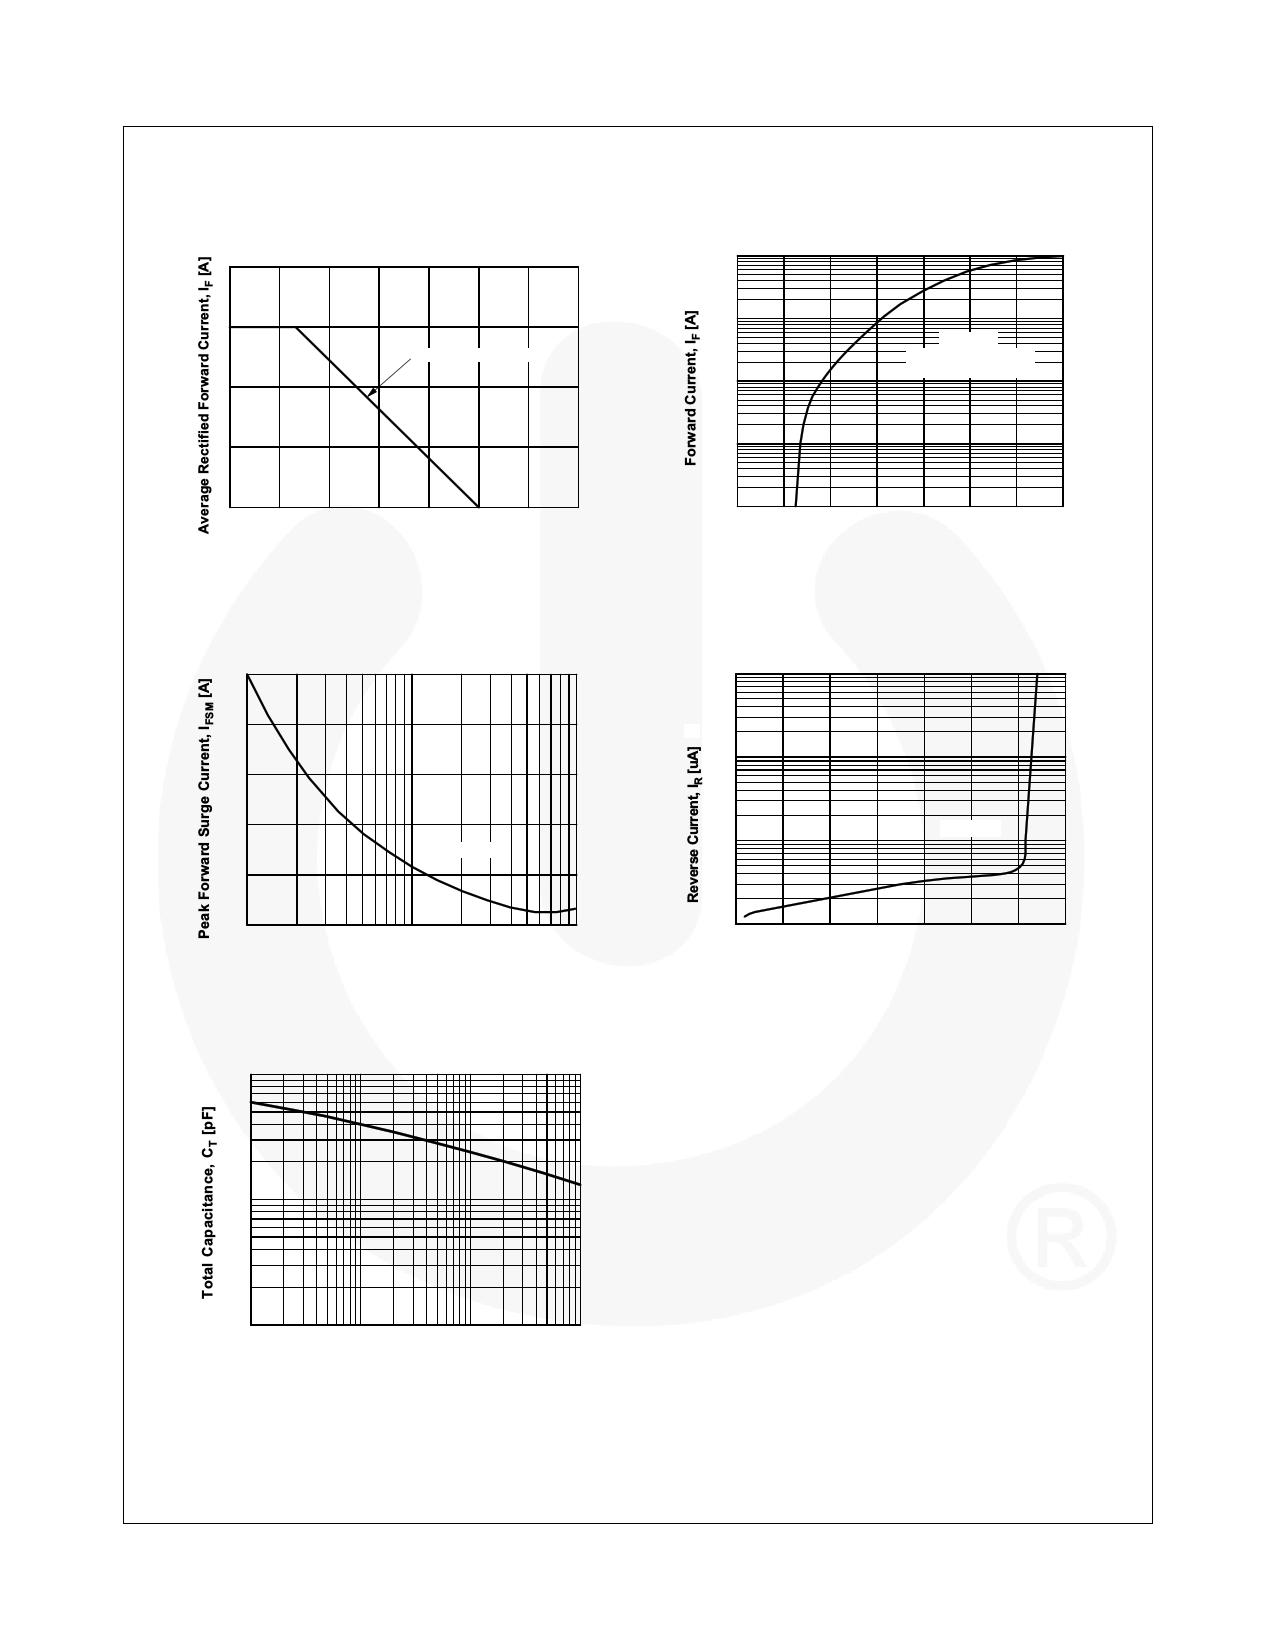 1N5406 pdf, ピン配列